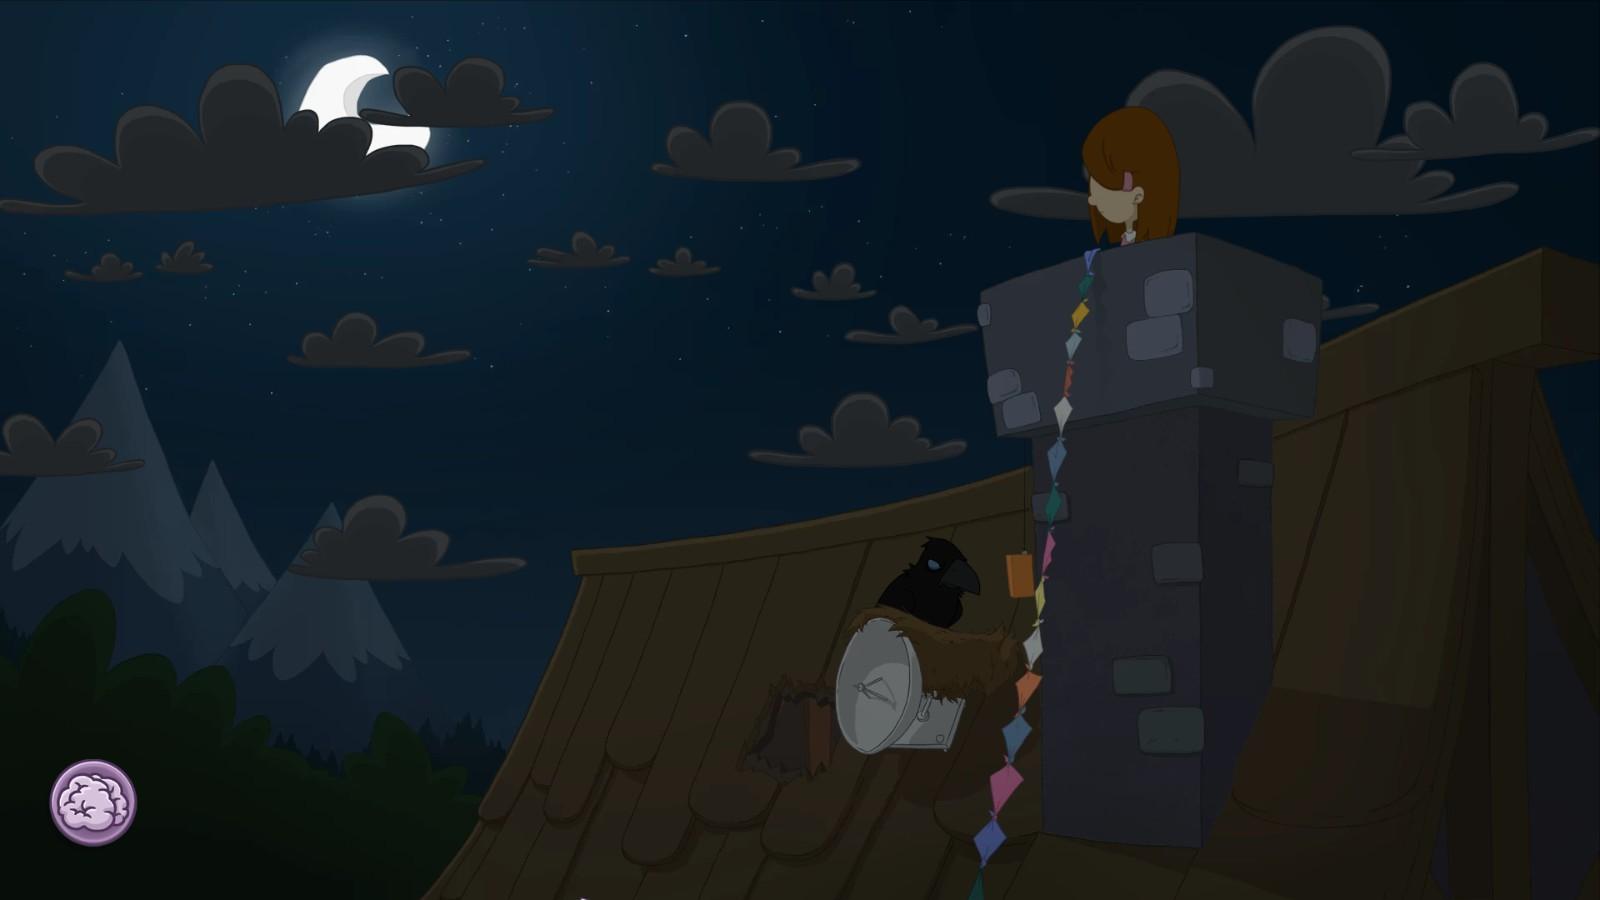 Wer kennt noch den Mond aus Whispered World? Dieser hier ist nicht so detailliert ausgefallen...